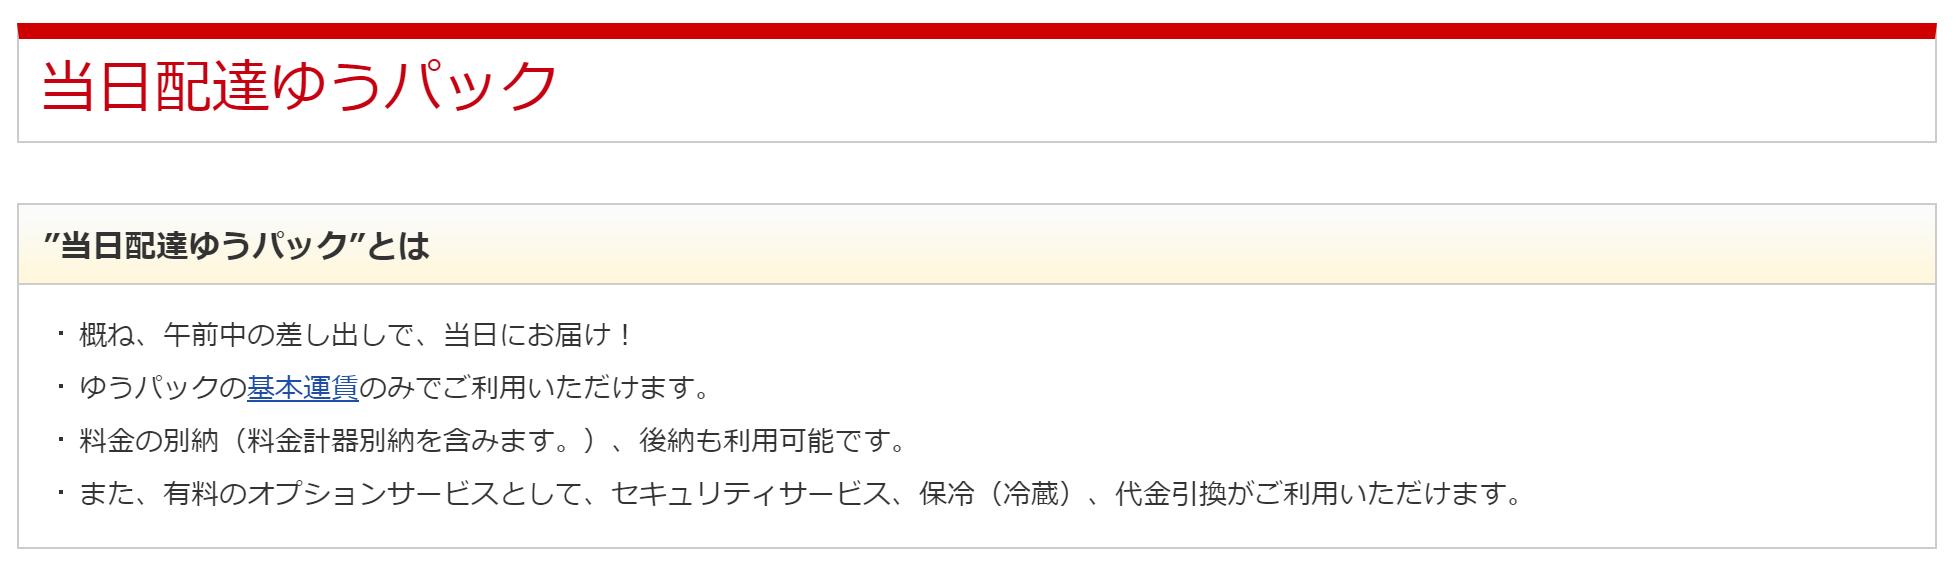 日本郵政のホームページの当日配達ゆうパック